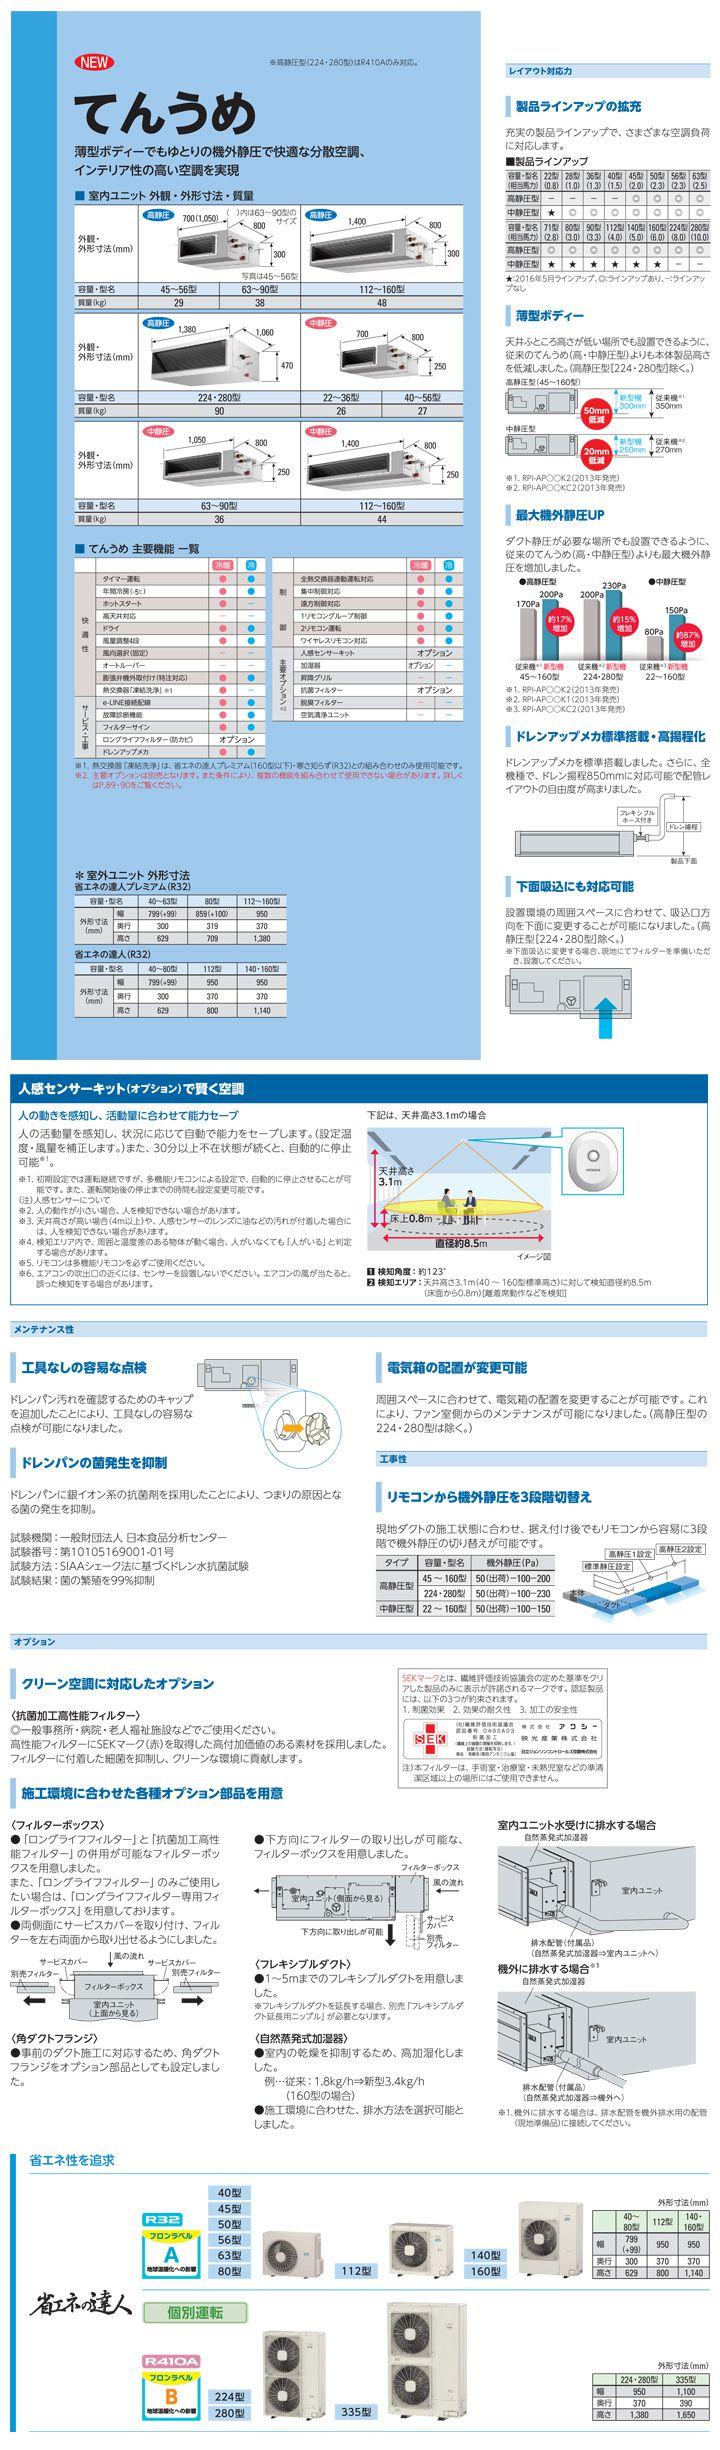 RPI-GP80RSHPC5カタログ